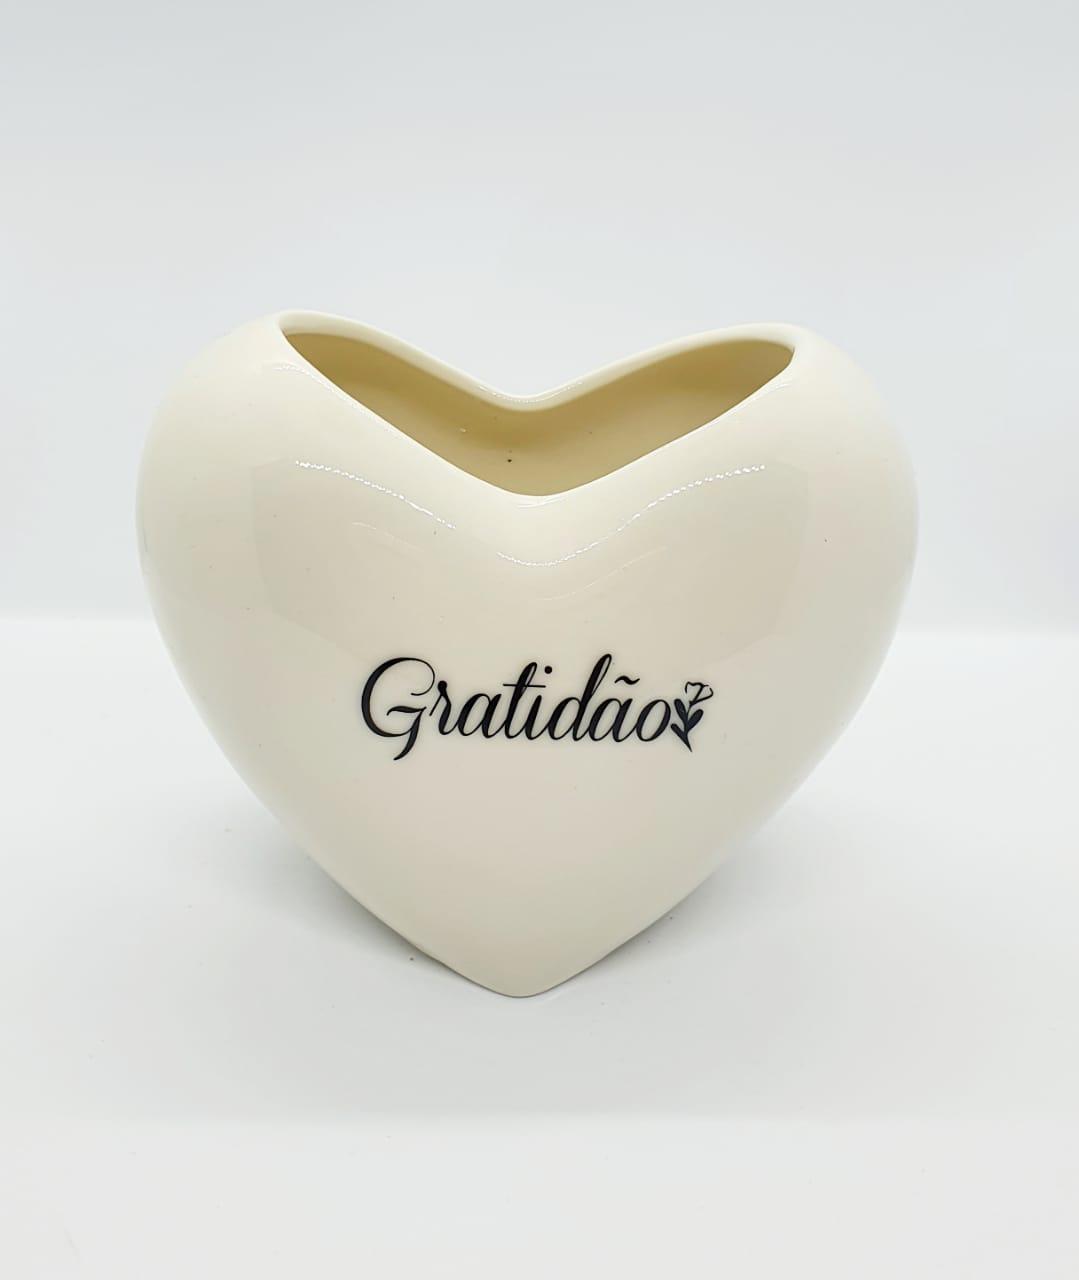 Vaso decorativo de resina formato de coração  - Gratidão